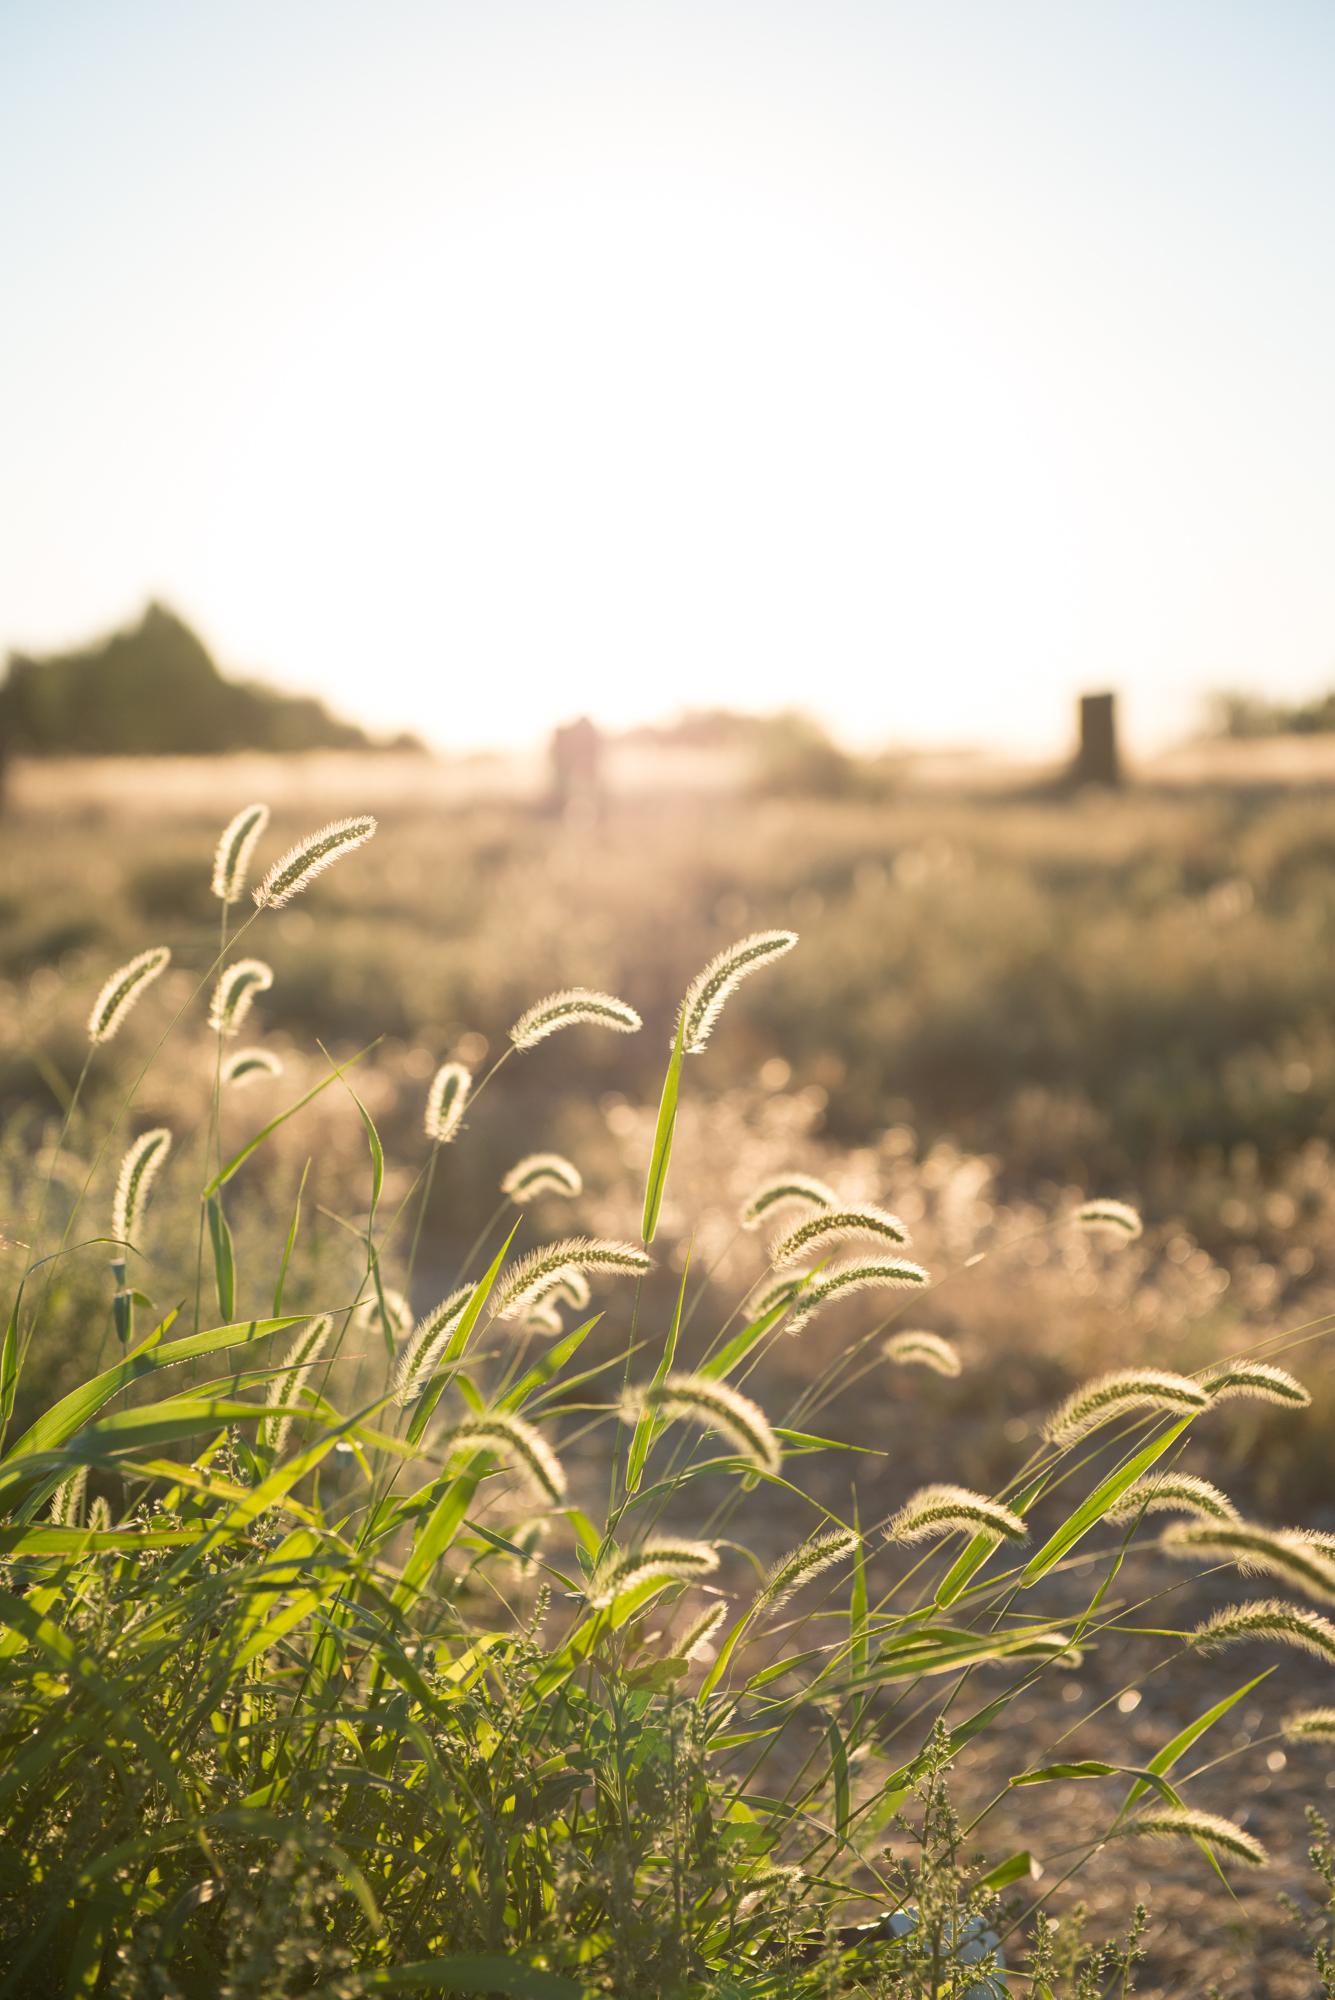 Sun on tall grass